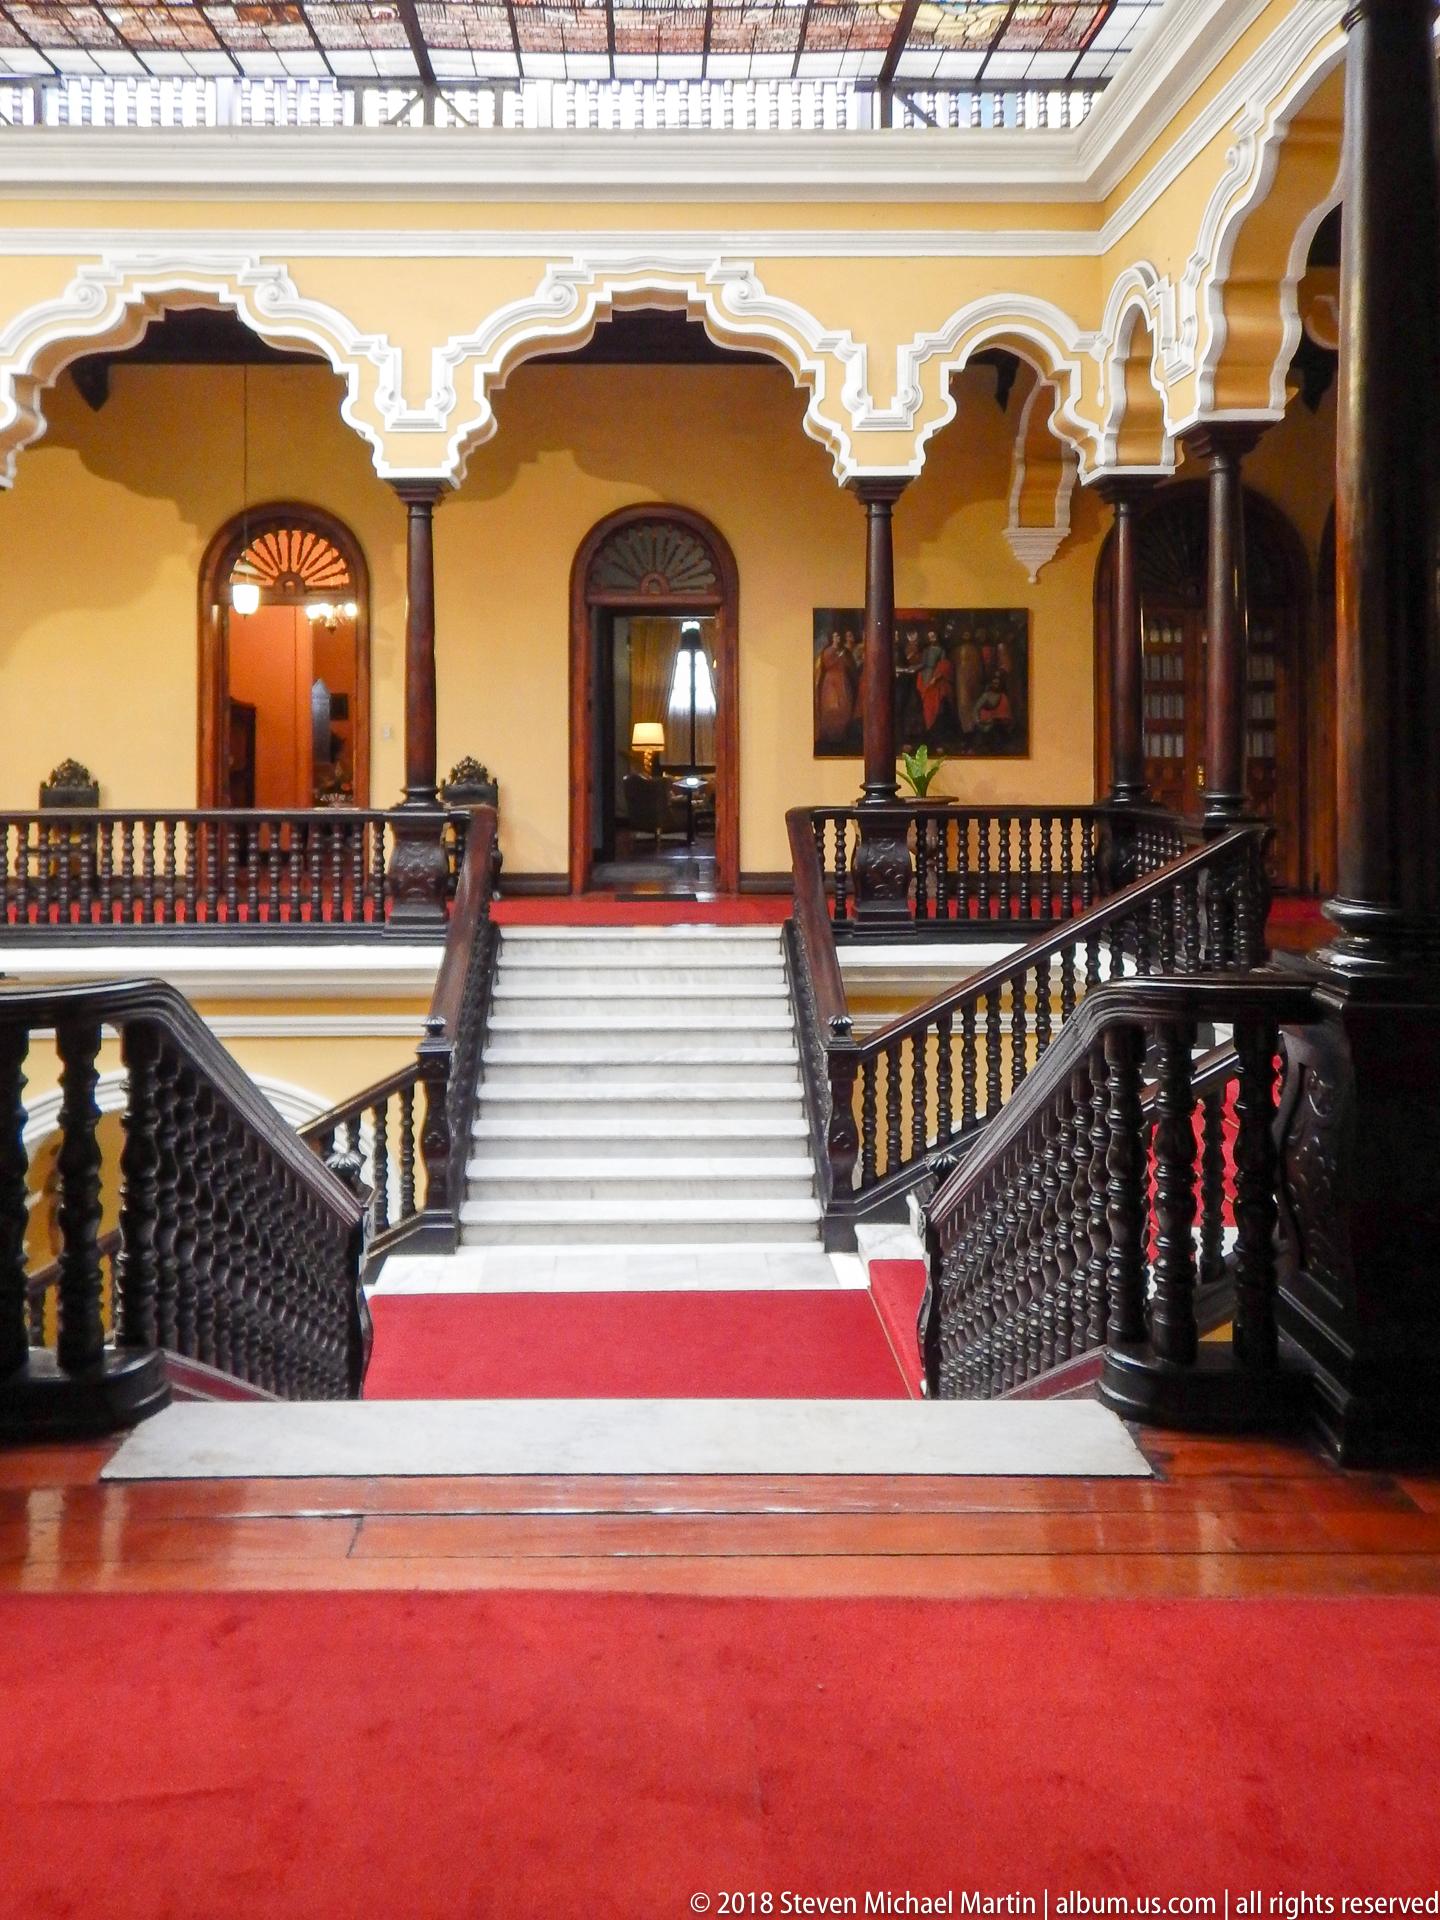 SMartin_2018 Peru Lima Arch Bishops Palace (47 of 65)